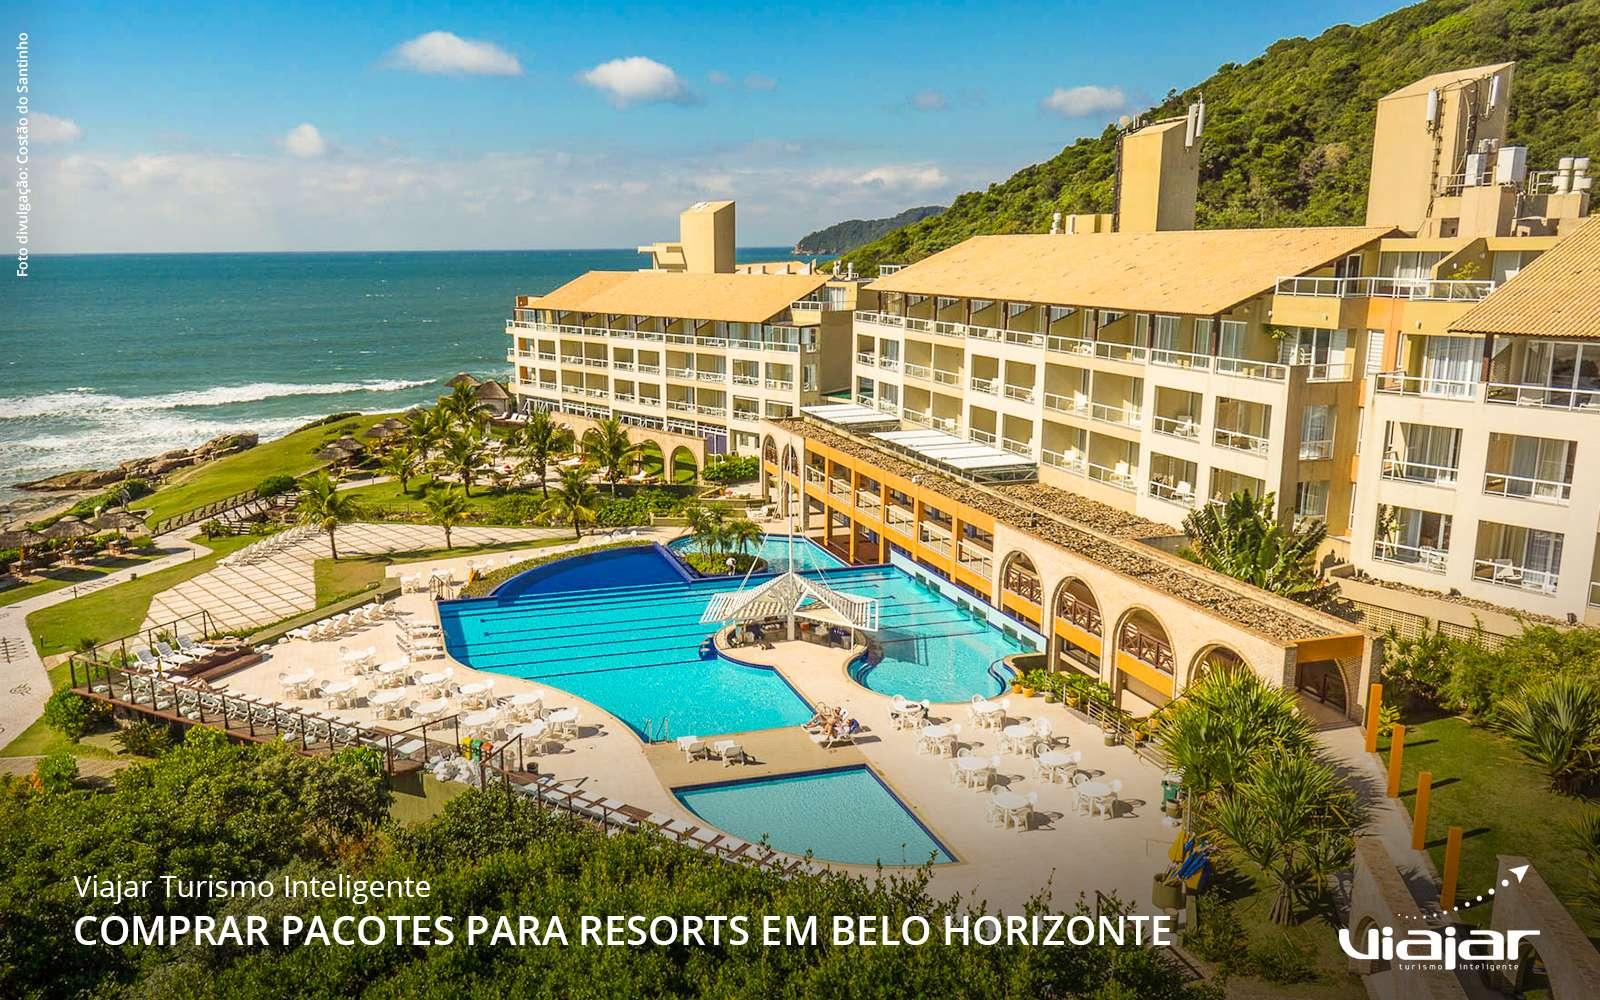 viajar-turismo-inteligente-comprar-pacotes-resorts-belo-horizonte-minas-gerais-11-1